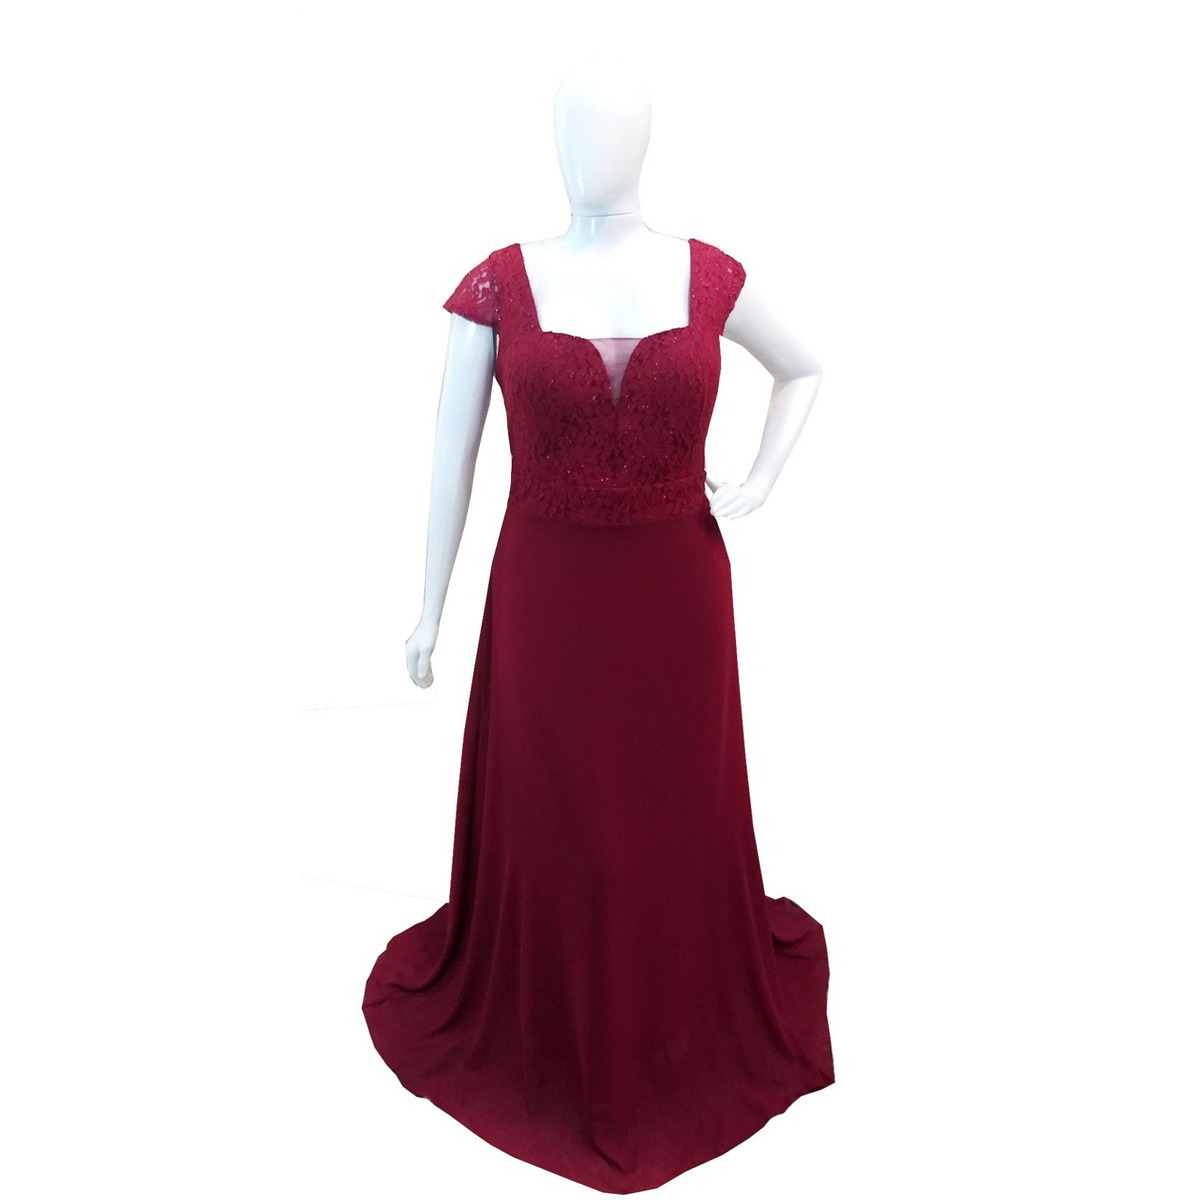 5195ac300d68 vestido longo festa plus size marsala casamento madrinha. Carregando zoom.